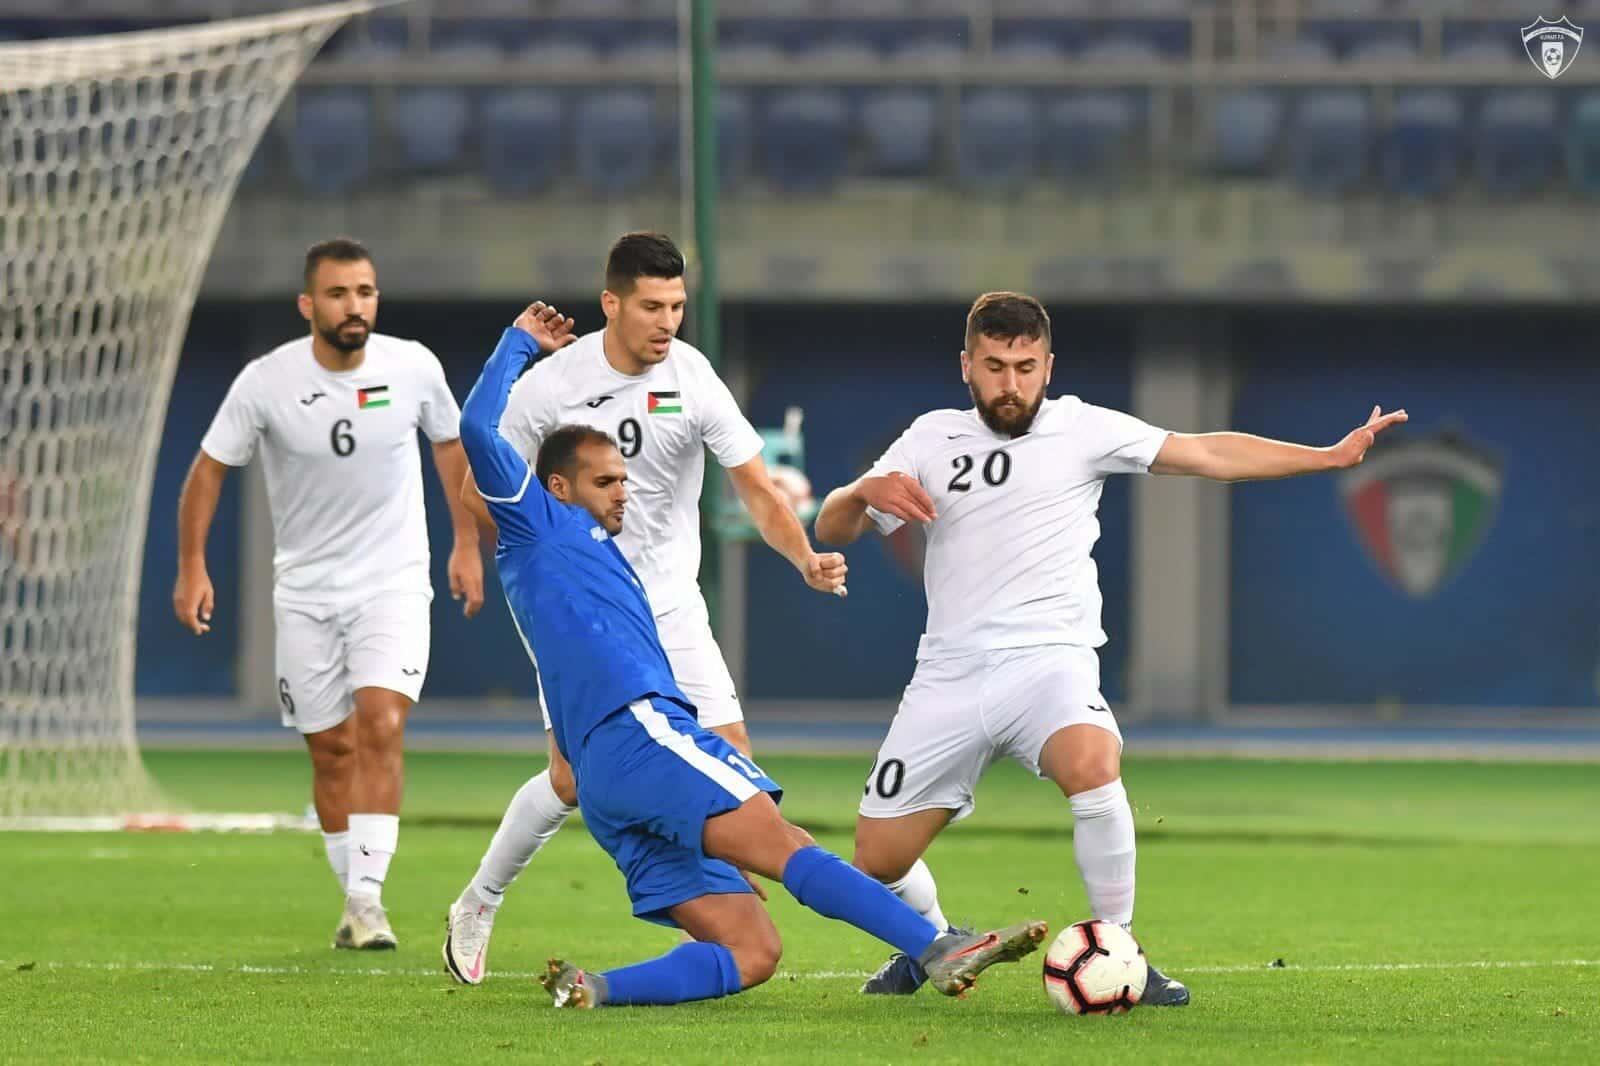 مباراة منتخب فلسطين والكويت